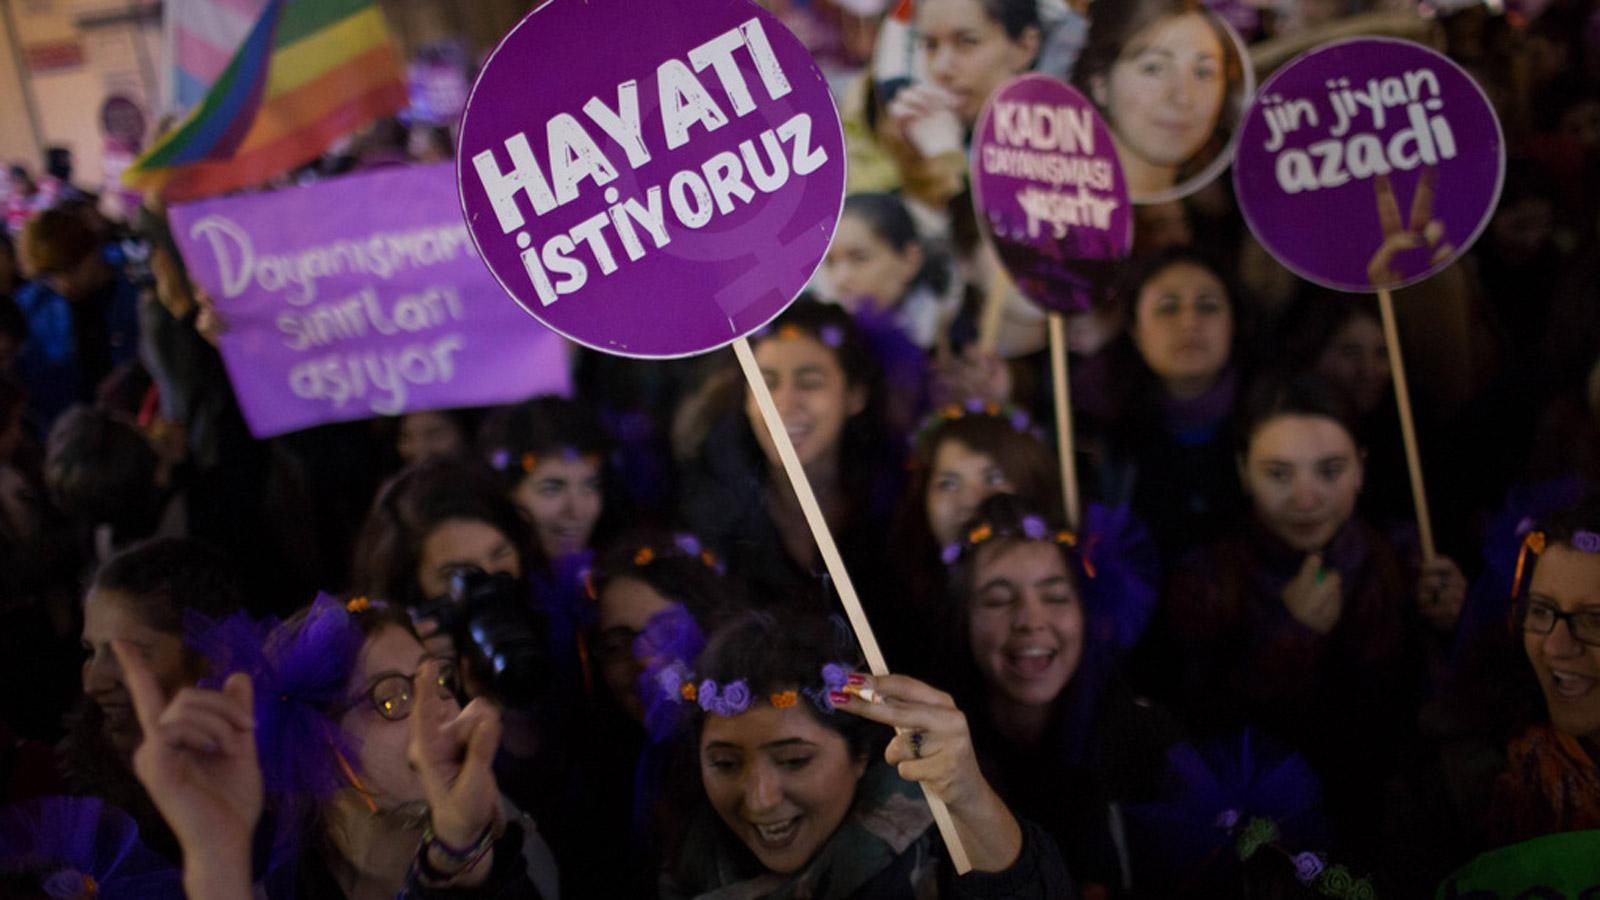 Feminist dalga ile gelecek yıla… – Hülya Osmanağaoğlu